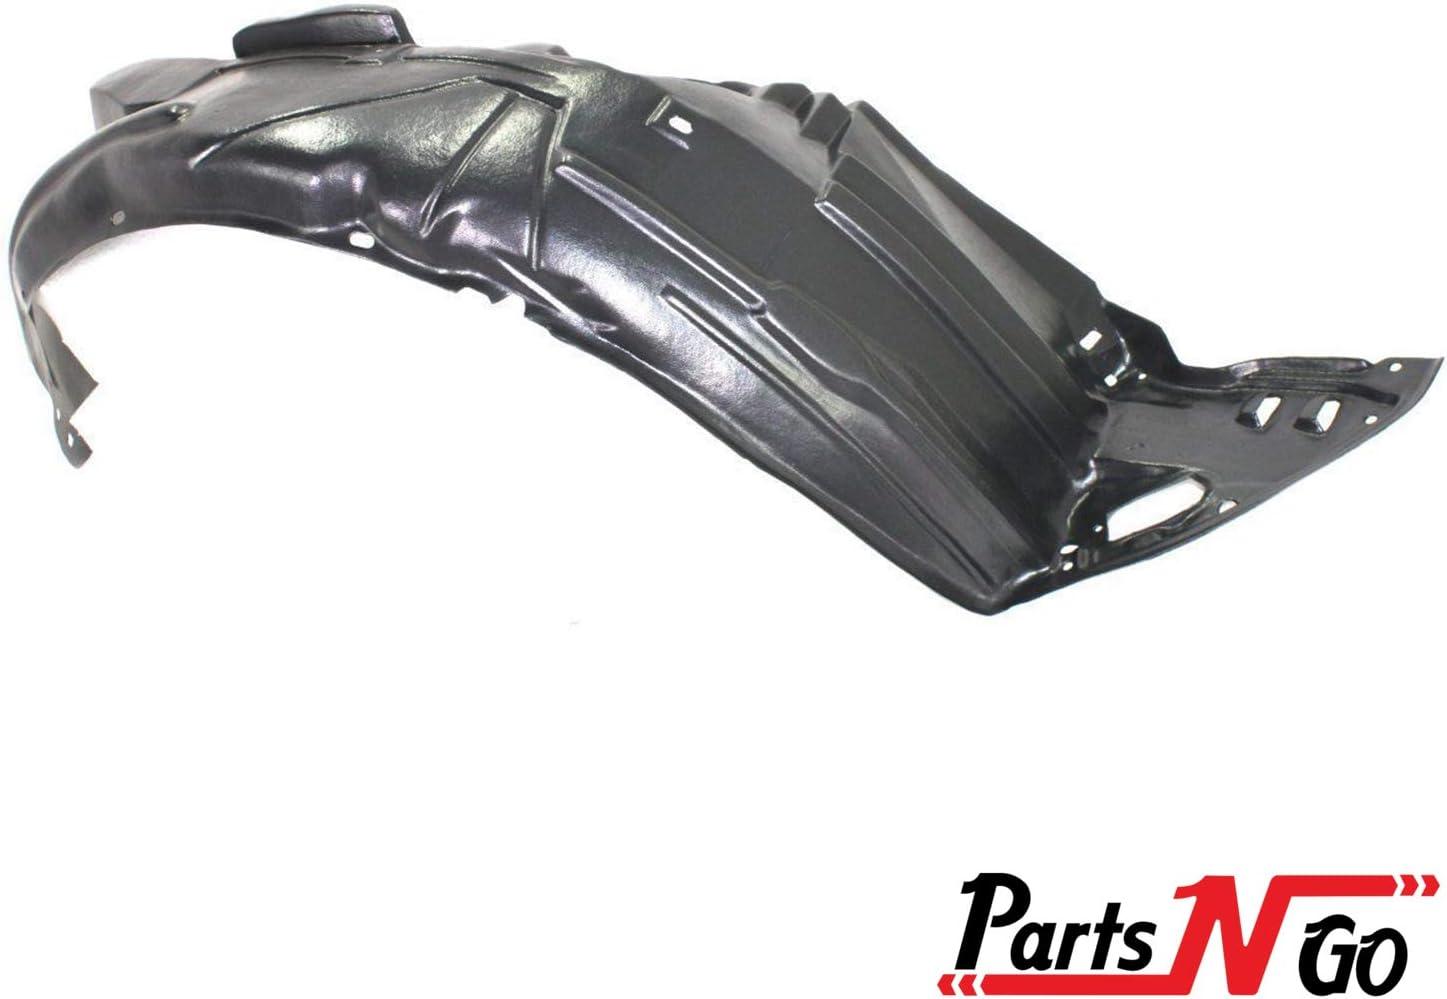 74101TBAA00 Parts N Go 2006-2017 Compatible Honda Civic Fender Liner Passenger Side RH Splash Guard HO1249158